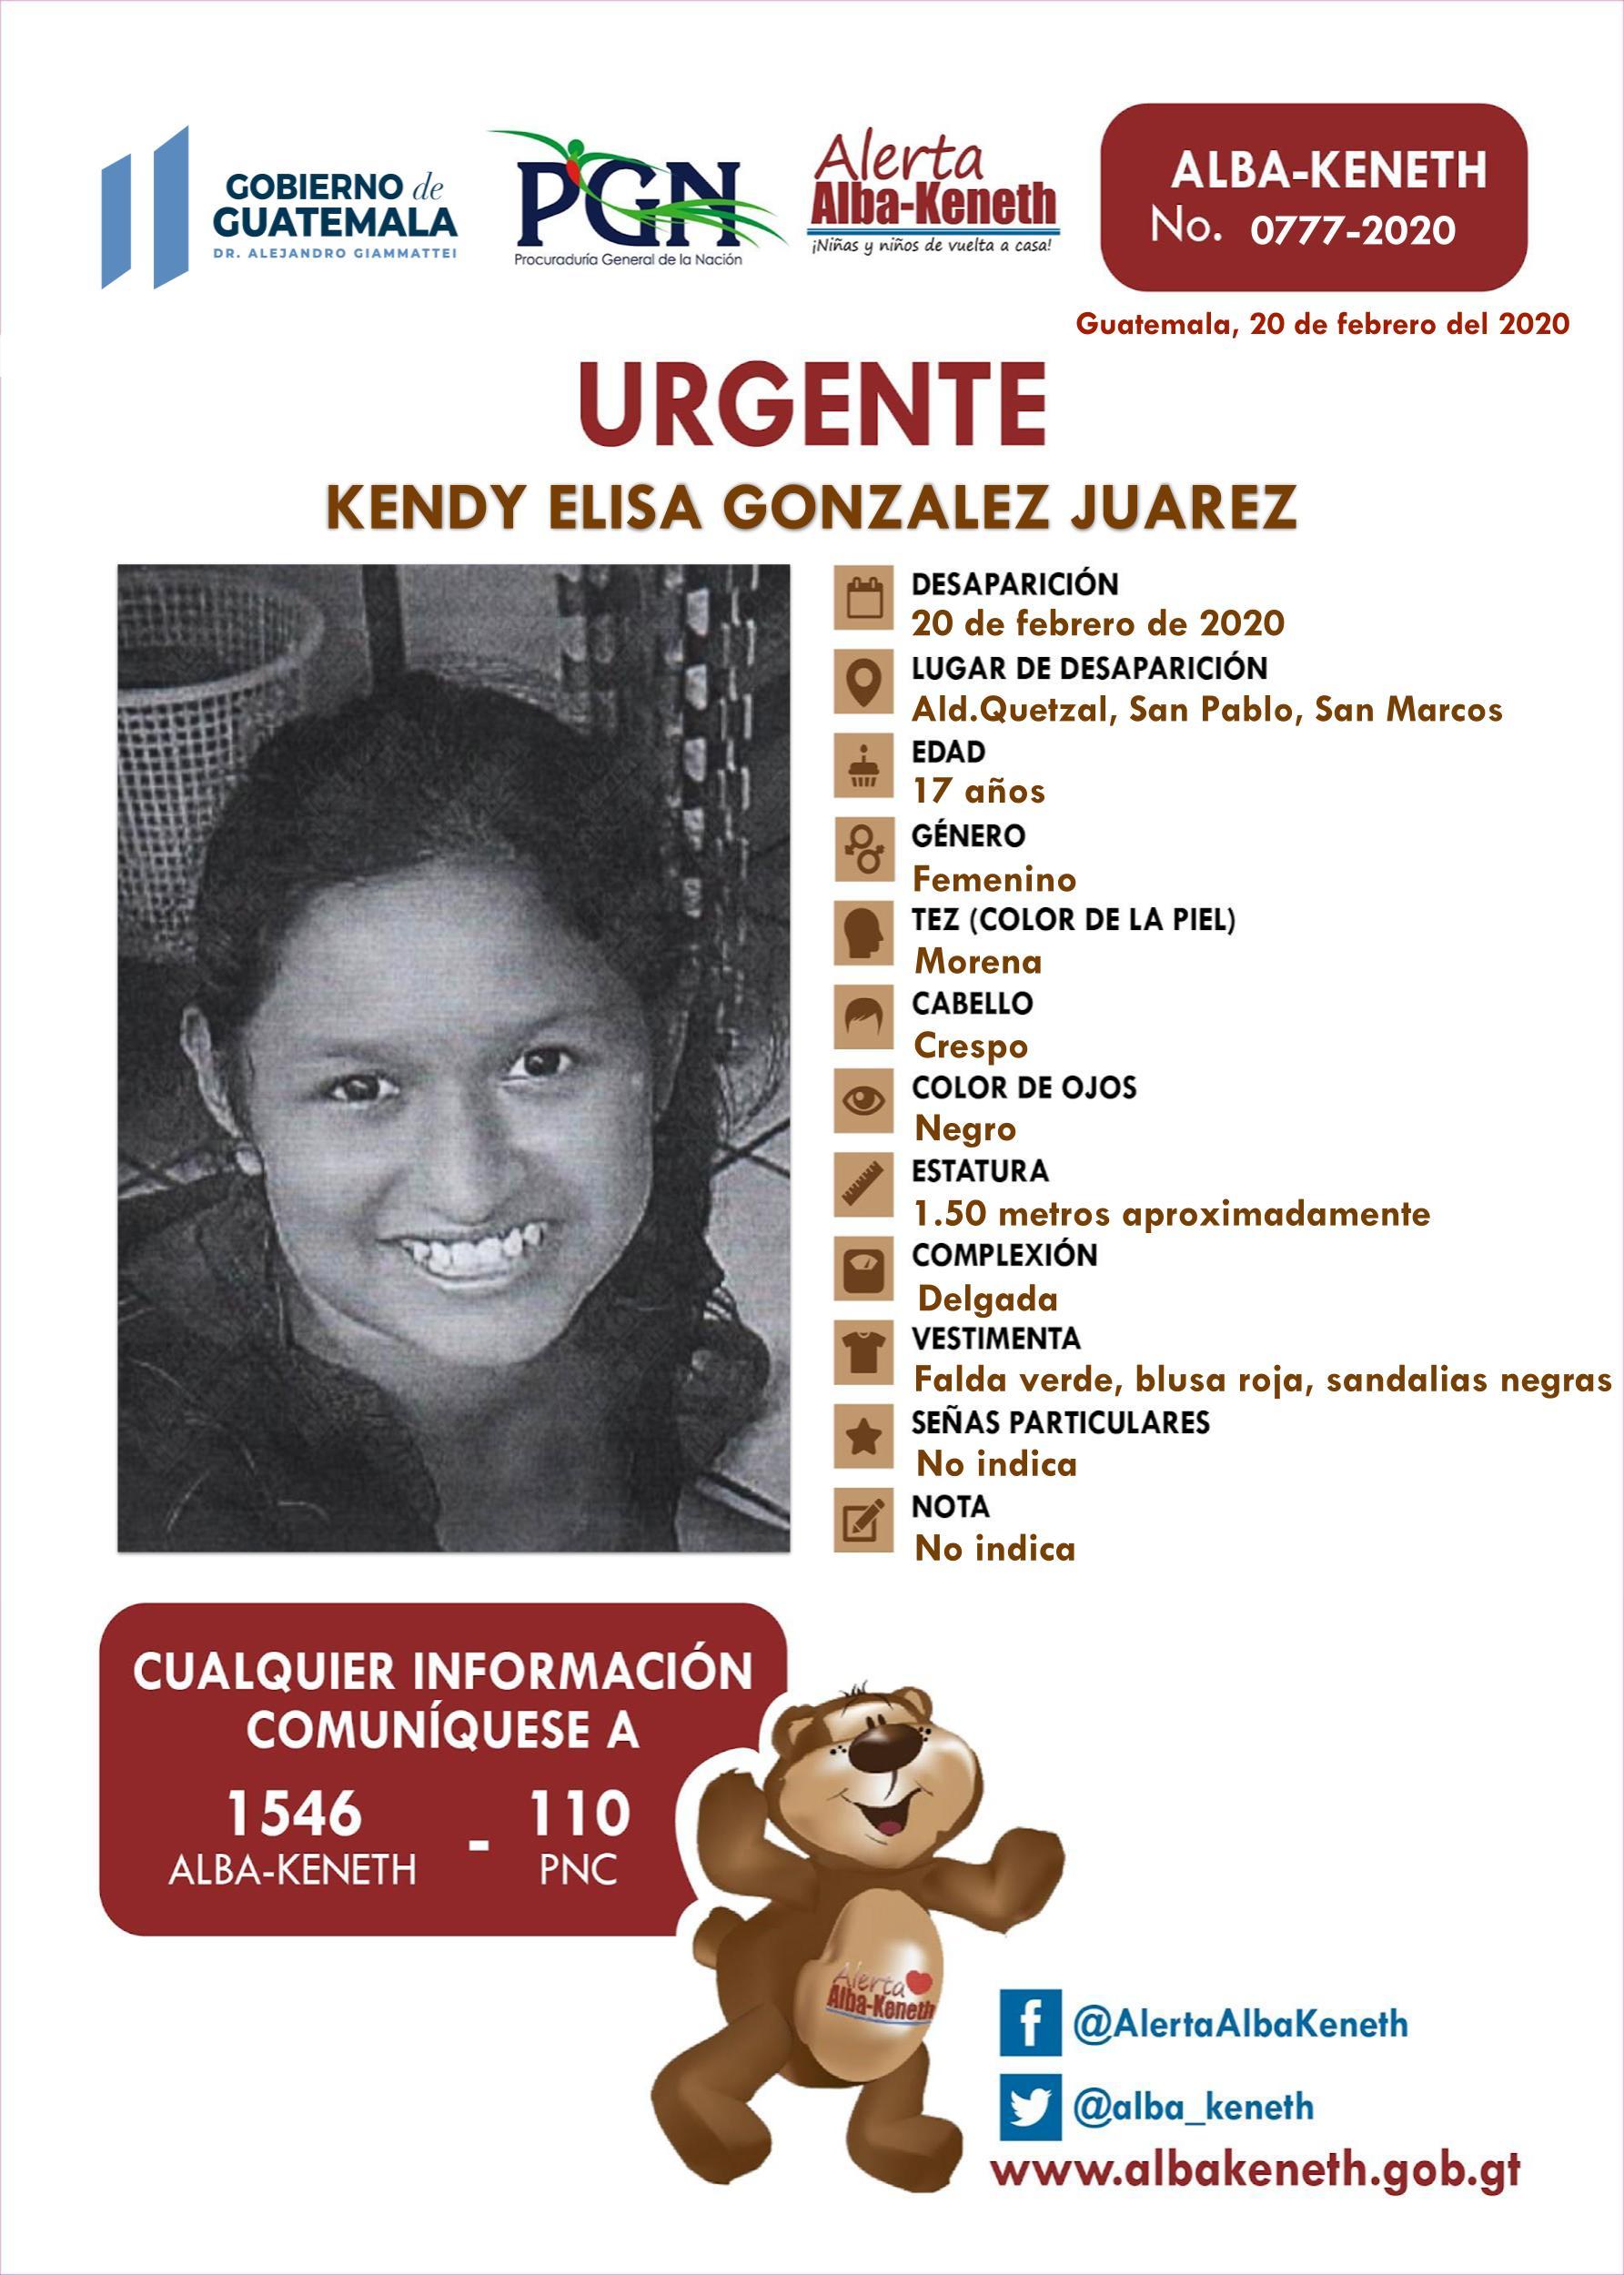 Kendy Elisa Gonzalez Juarez